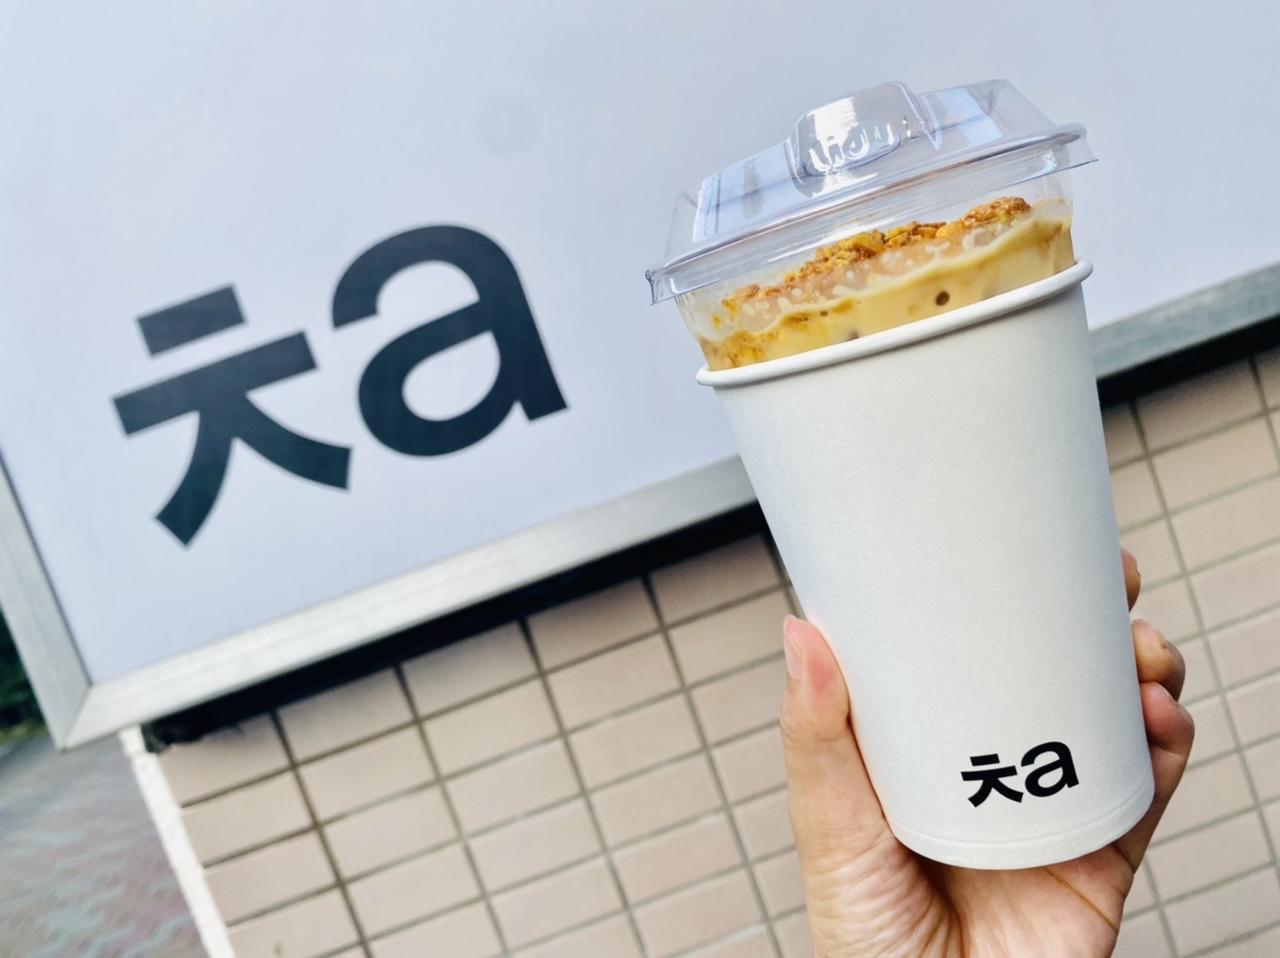 【Cha Aoyama】韓国発ミルクティー専門店★《タルゴナミルクティー》が美味しすぎ♡_4